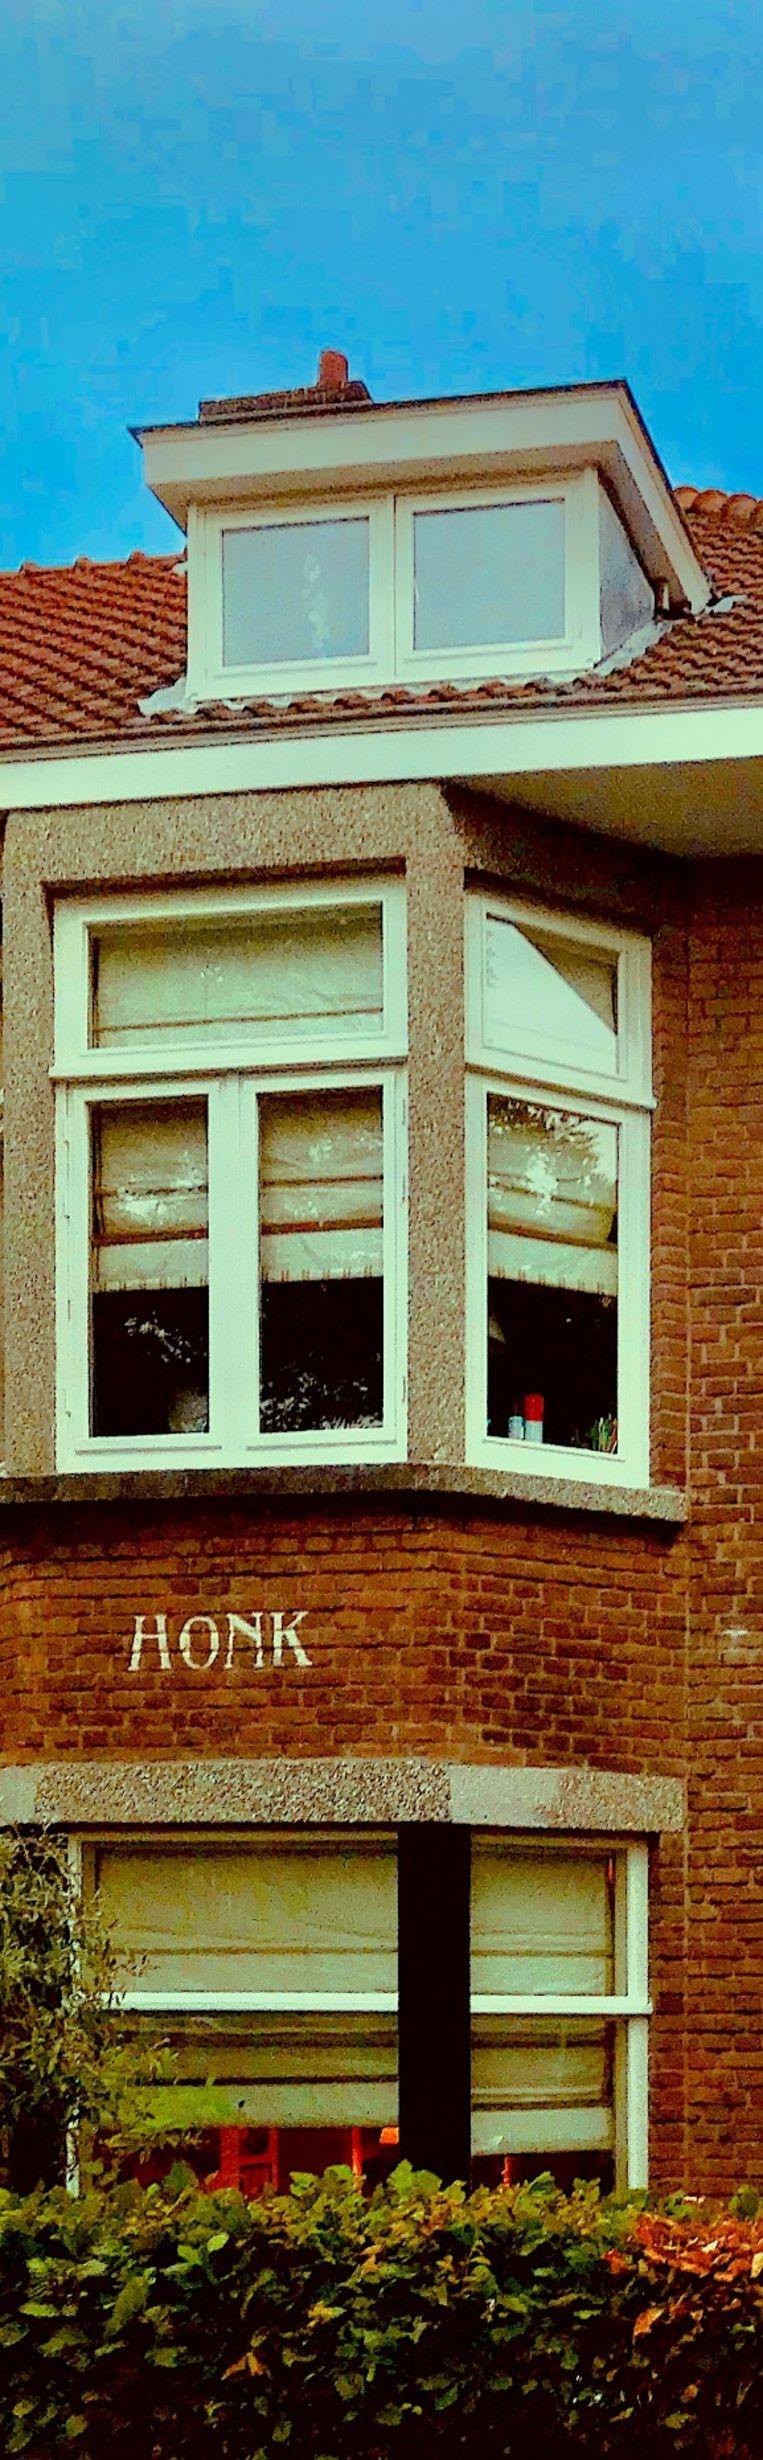 Huid en huis schelen maar 1 letter. Een documentaire over de vraag: hoe belangrijk is een woning?  Beeld Naomi Steijger